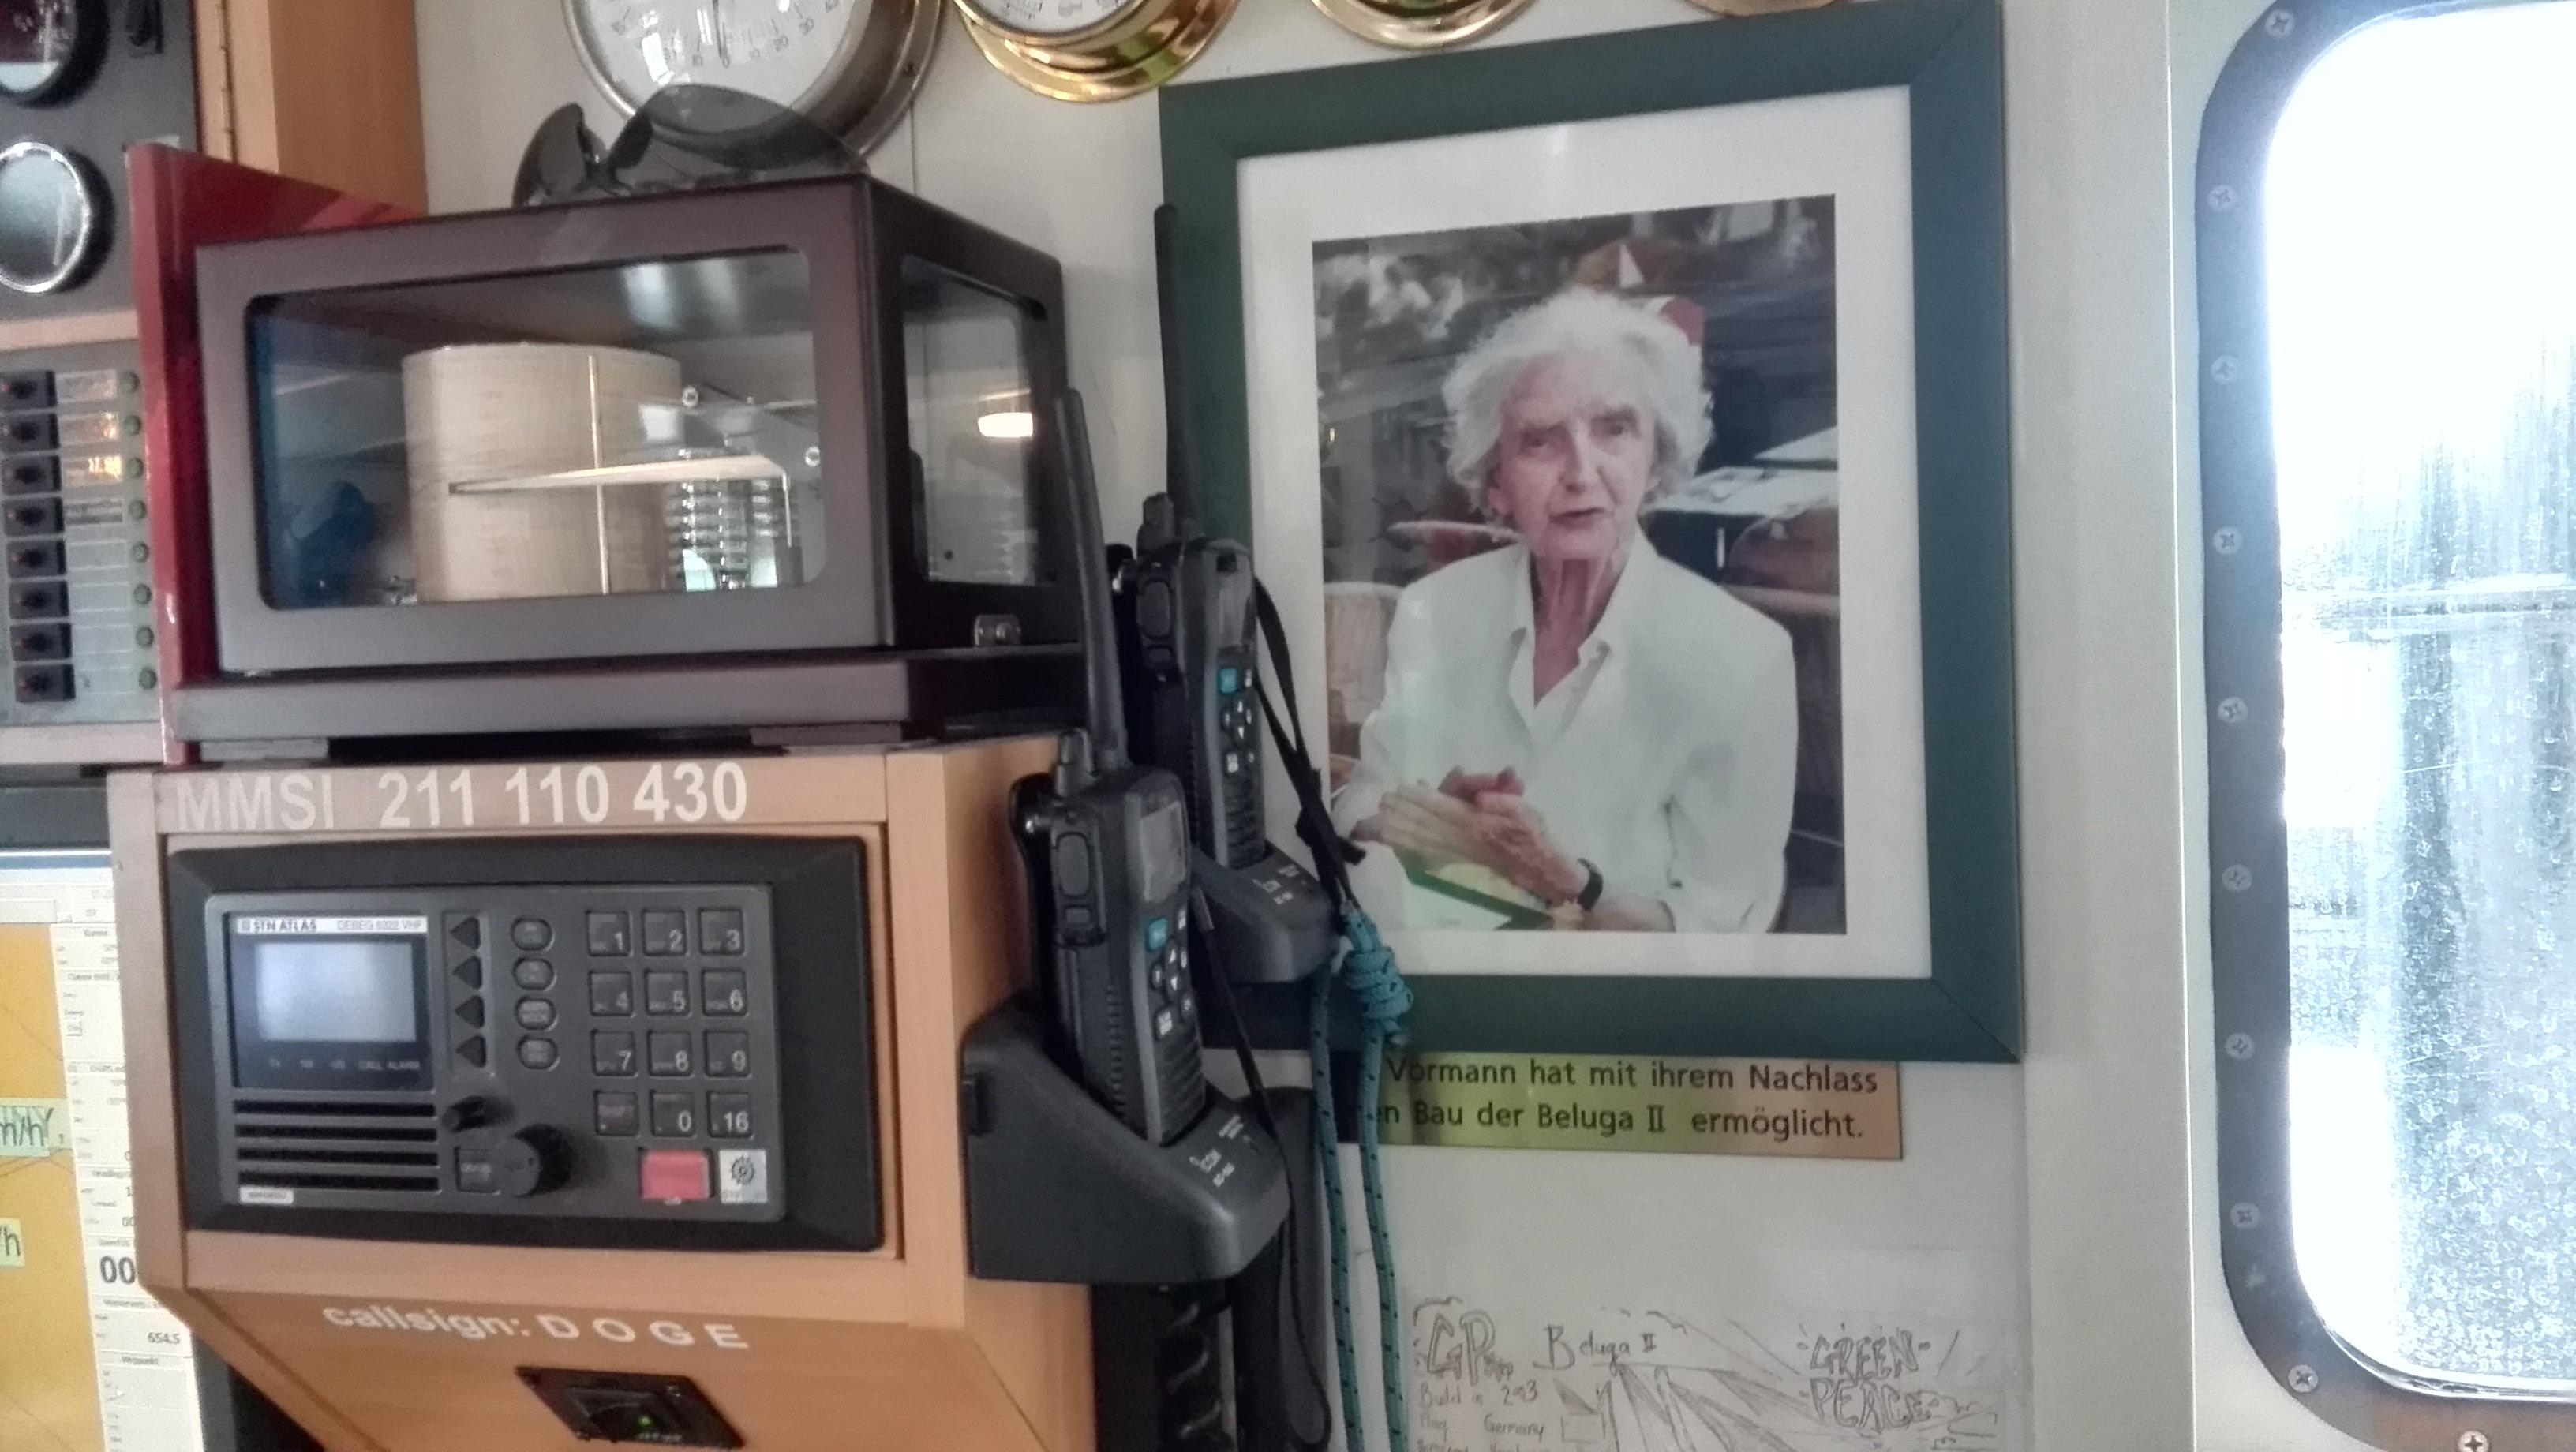 Фото: Наталья Парамонова, портрет Илзе Форманн в капитанской рубке